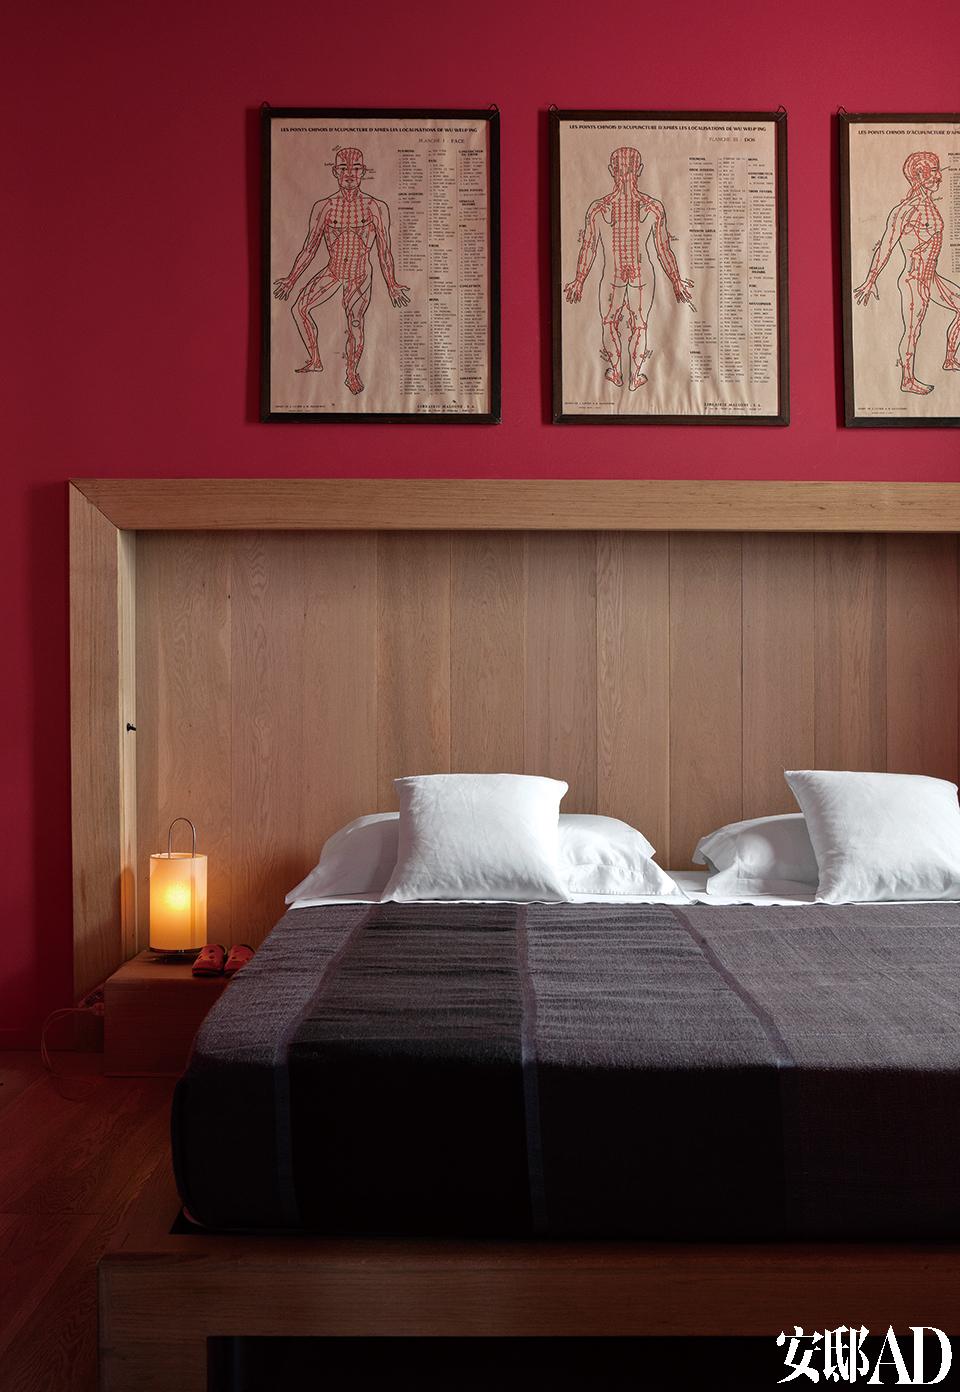 主卧室,床是Jacopo 2007年的设计,由Fratelli Bianchi制作;墙上是传统的针灸图,来自跳蚤市场的斩获。床嵌入到墙面里20厘米深的壁龛,覆盖着和地板材质相同的镶木地板条。色调温馨明媚,设计上方便孩子们四处跑跳打闹,这就是五口之家的美好生活。